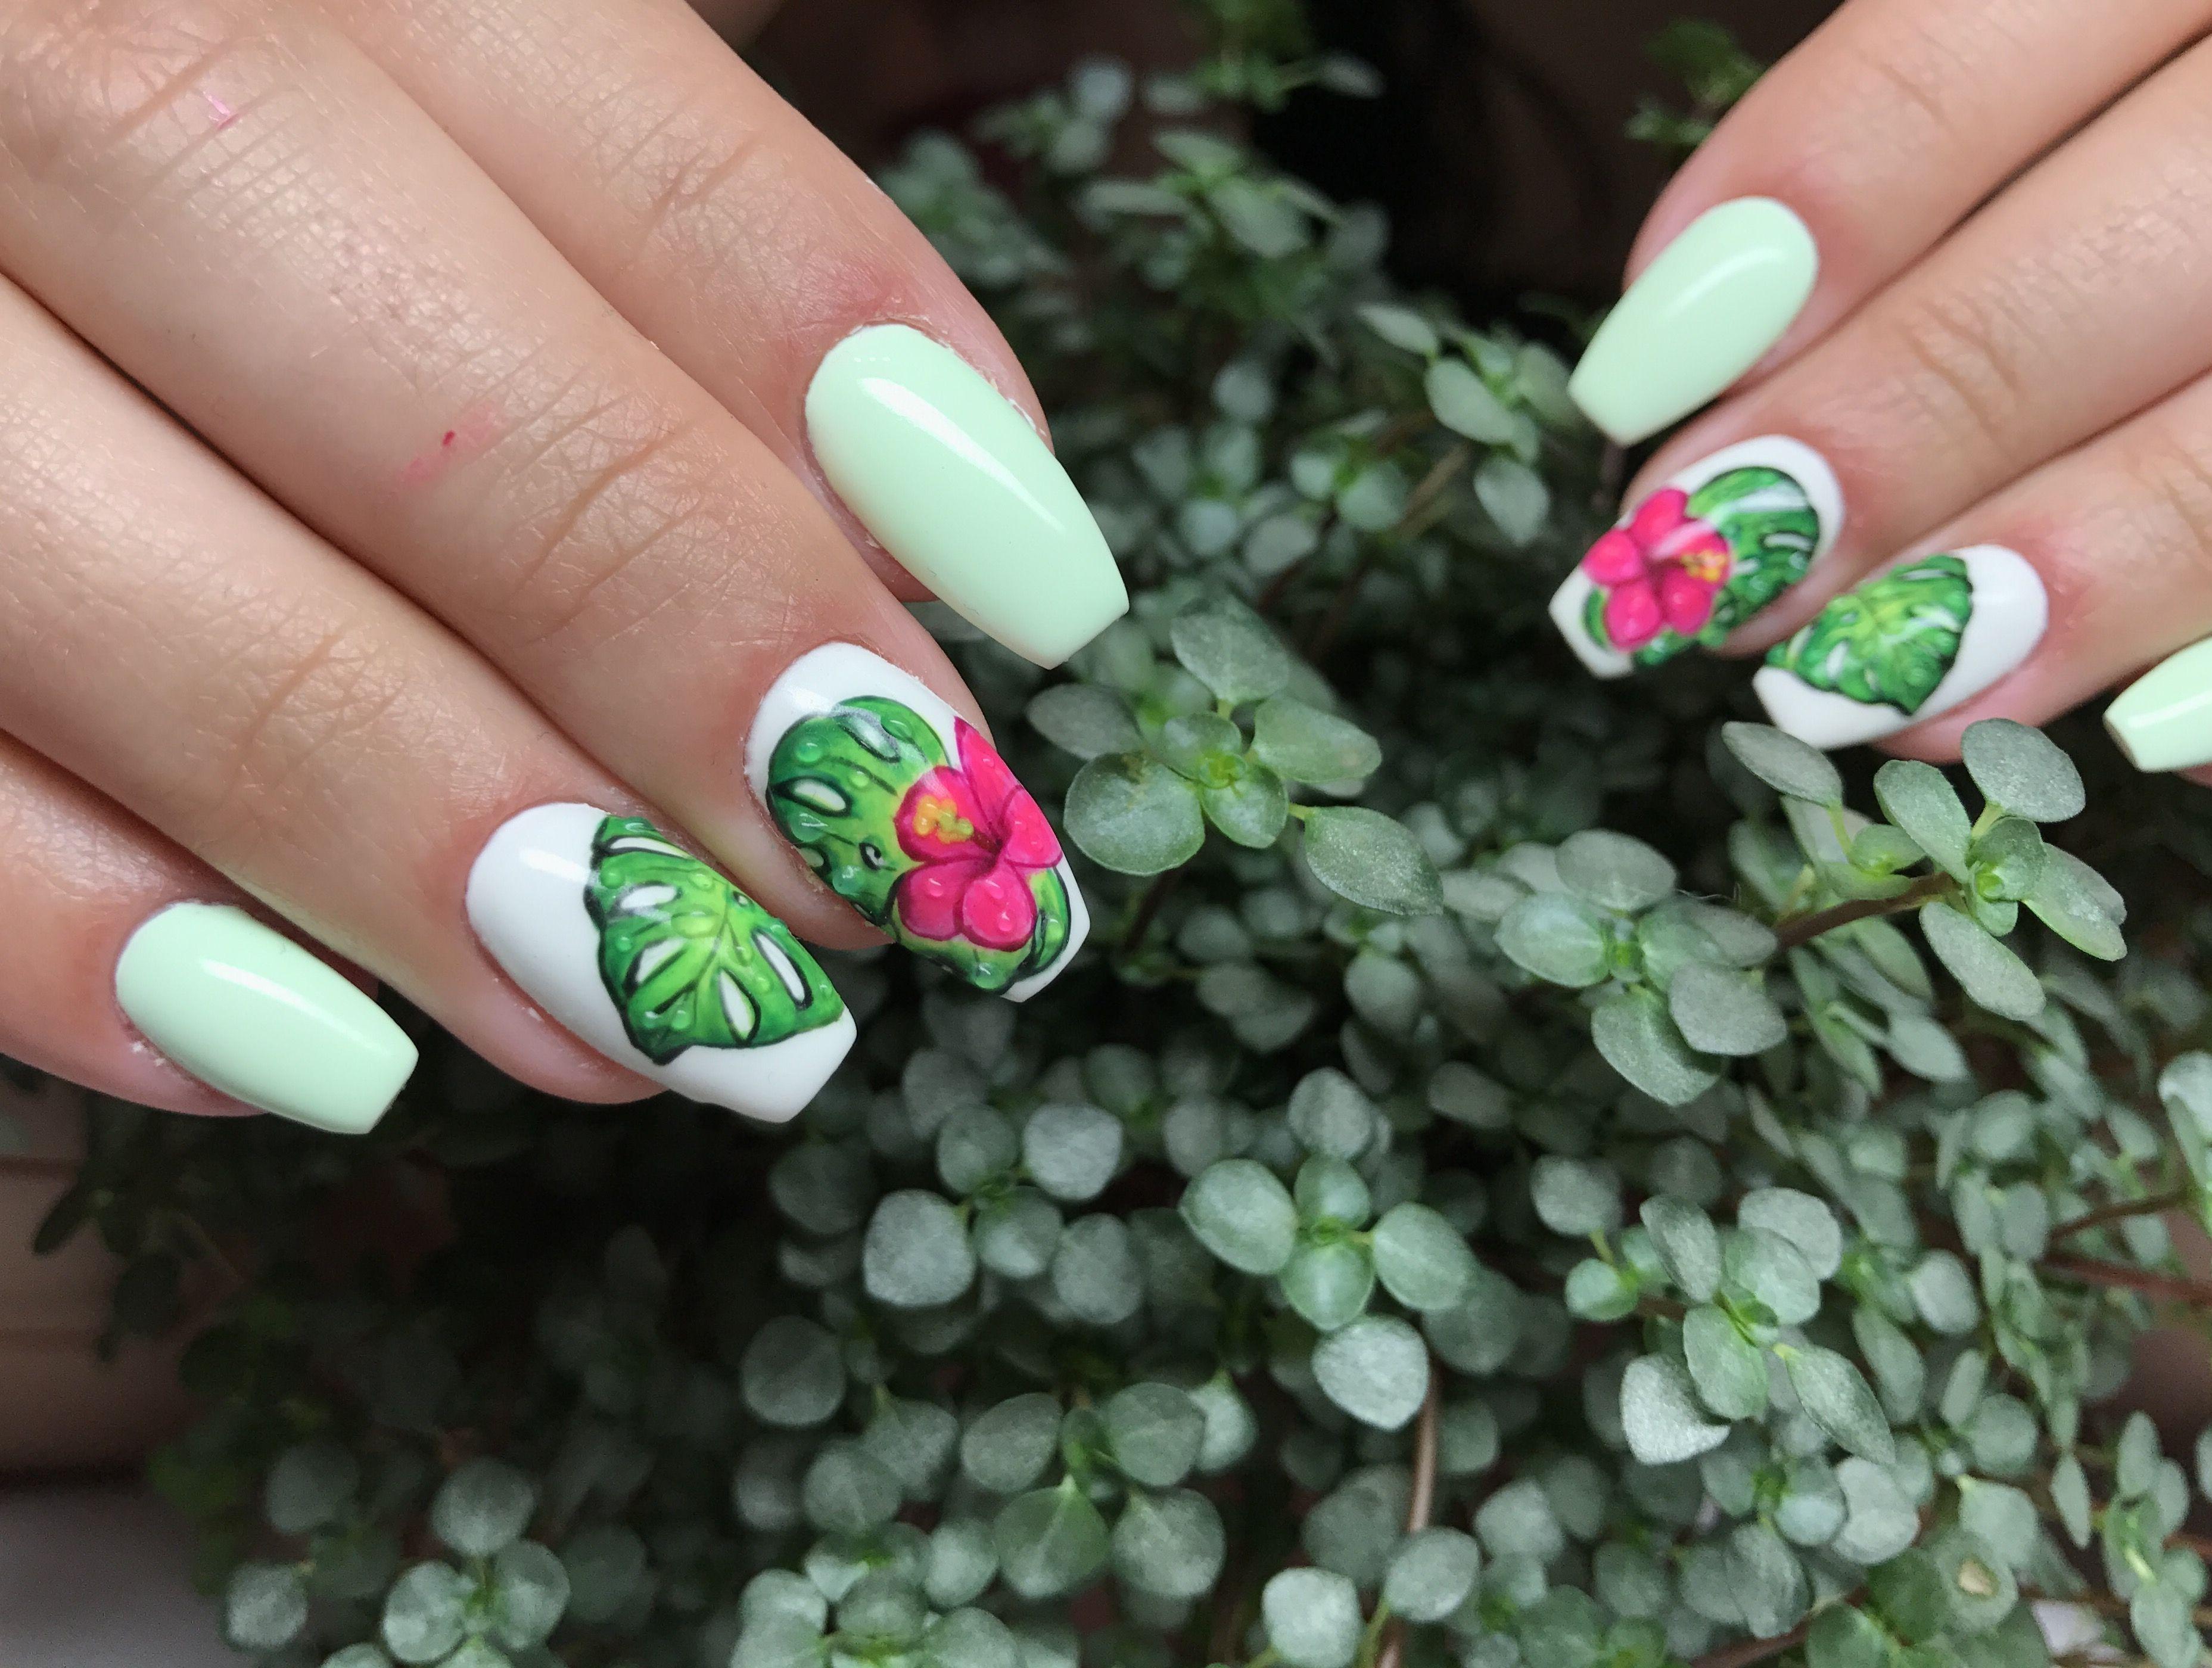 Exotic Nails Nail Art Nail Design Pinterest Exotic Nails And